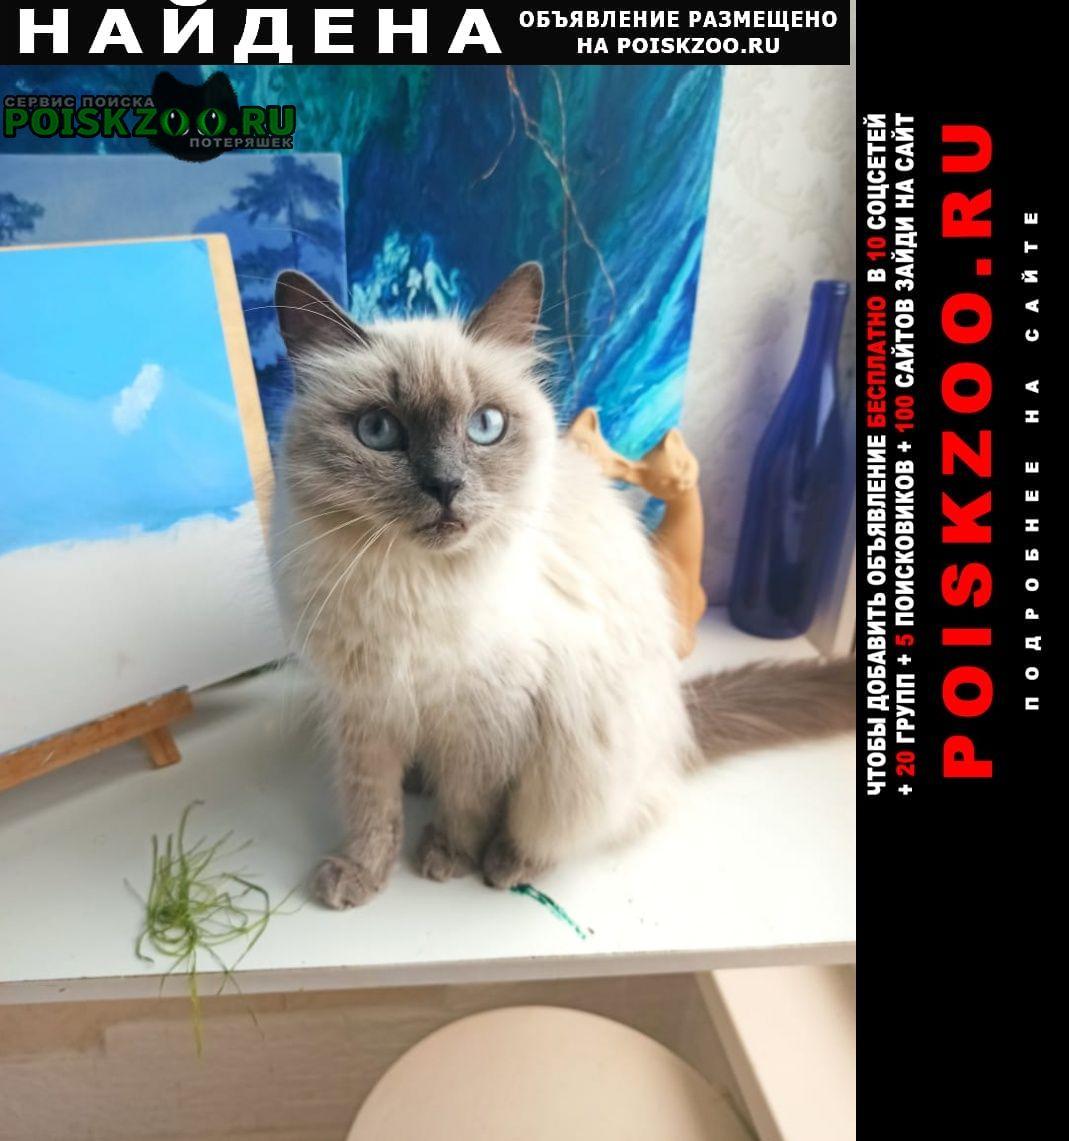 Найдена кошка кошечка невская маскарадная Краснодар